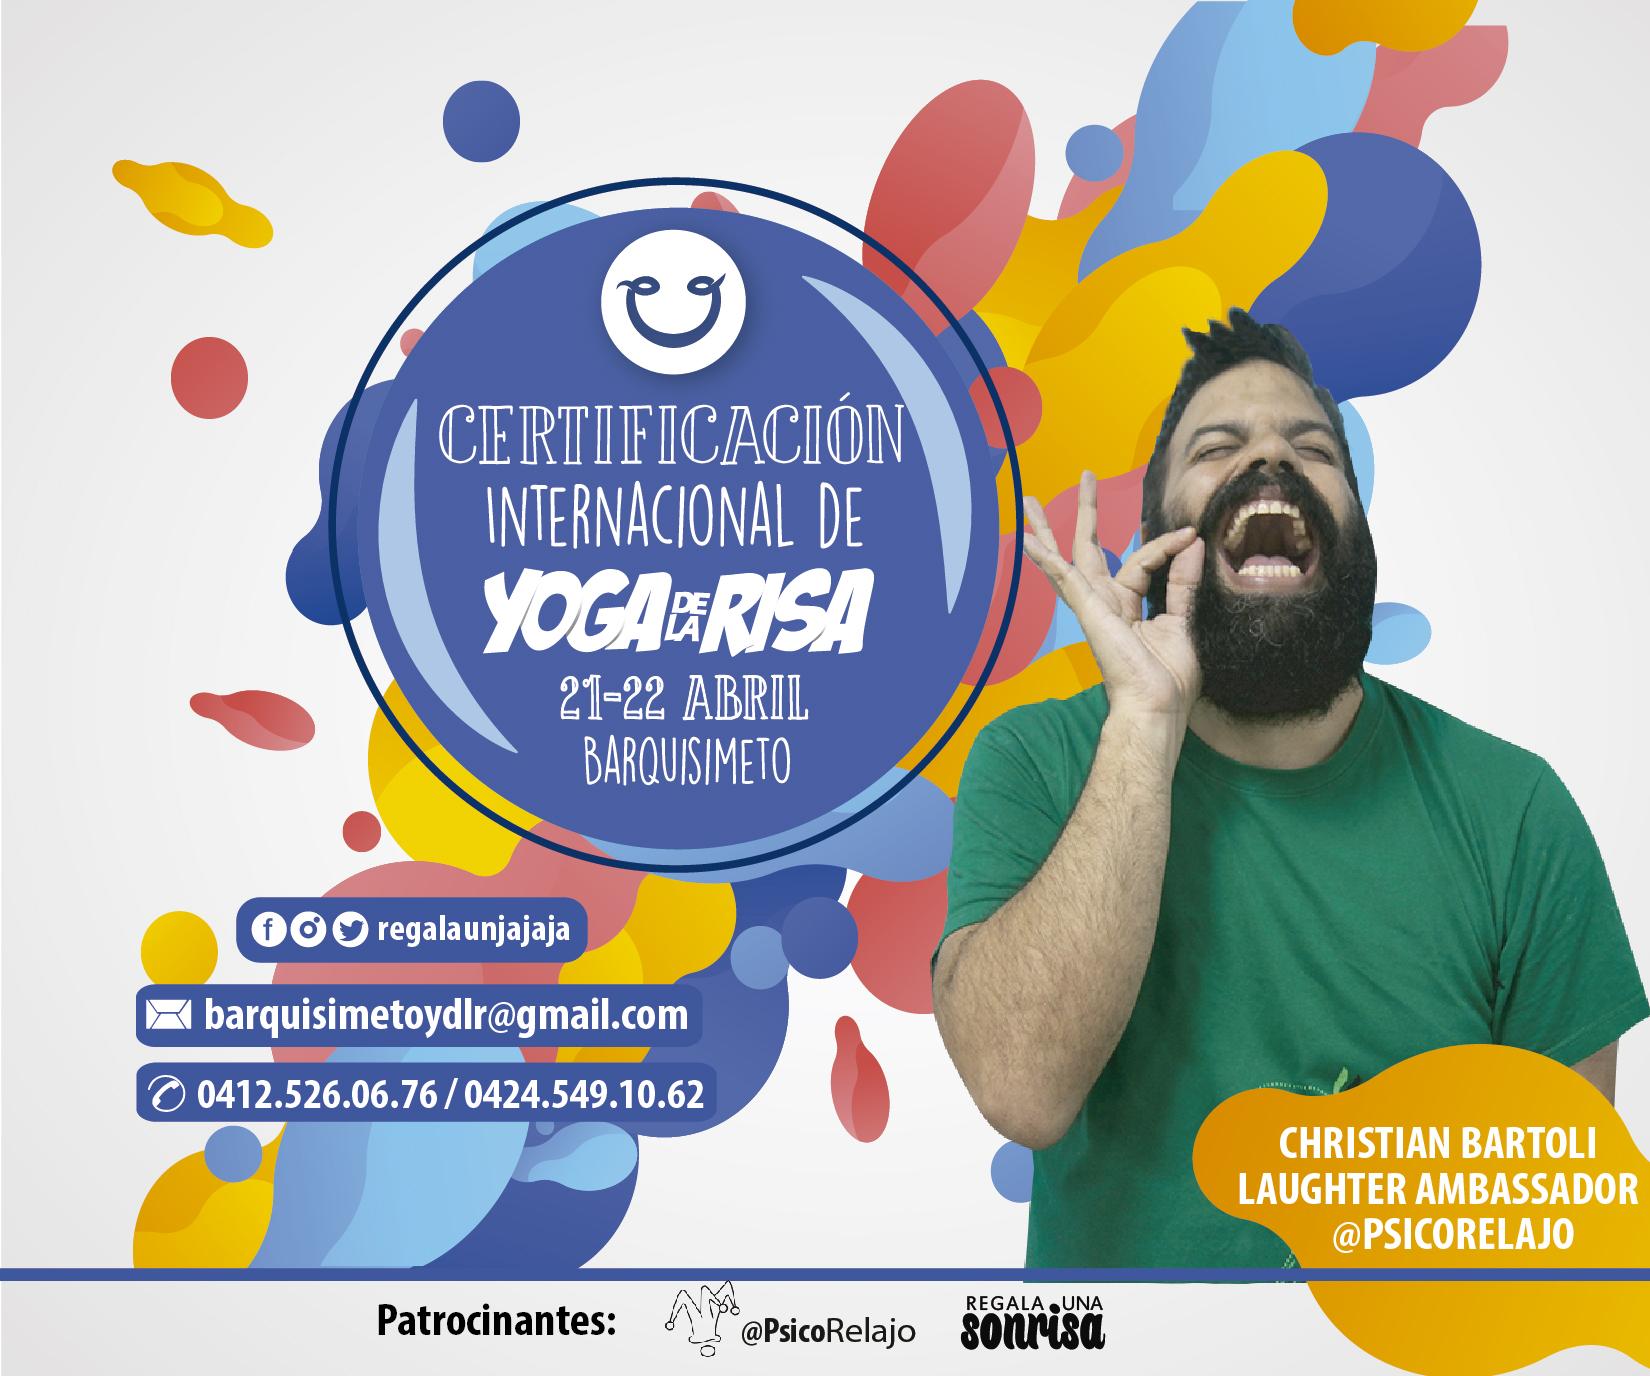 La Risa Se Apoderara del Estado de los Guaros en Barquisimeto.